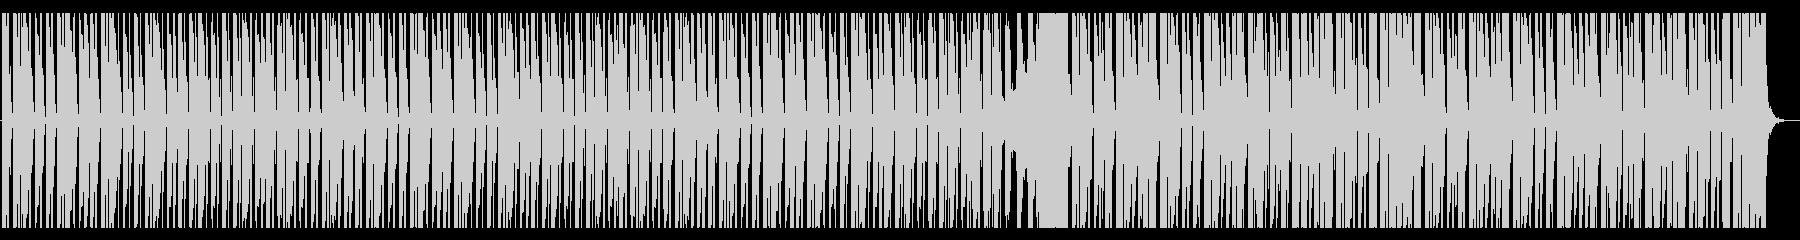 涼しげなディープハウス_No376_2 の未再生の波形